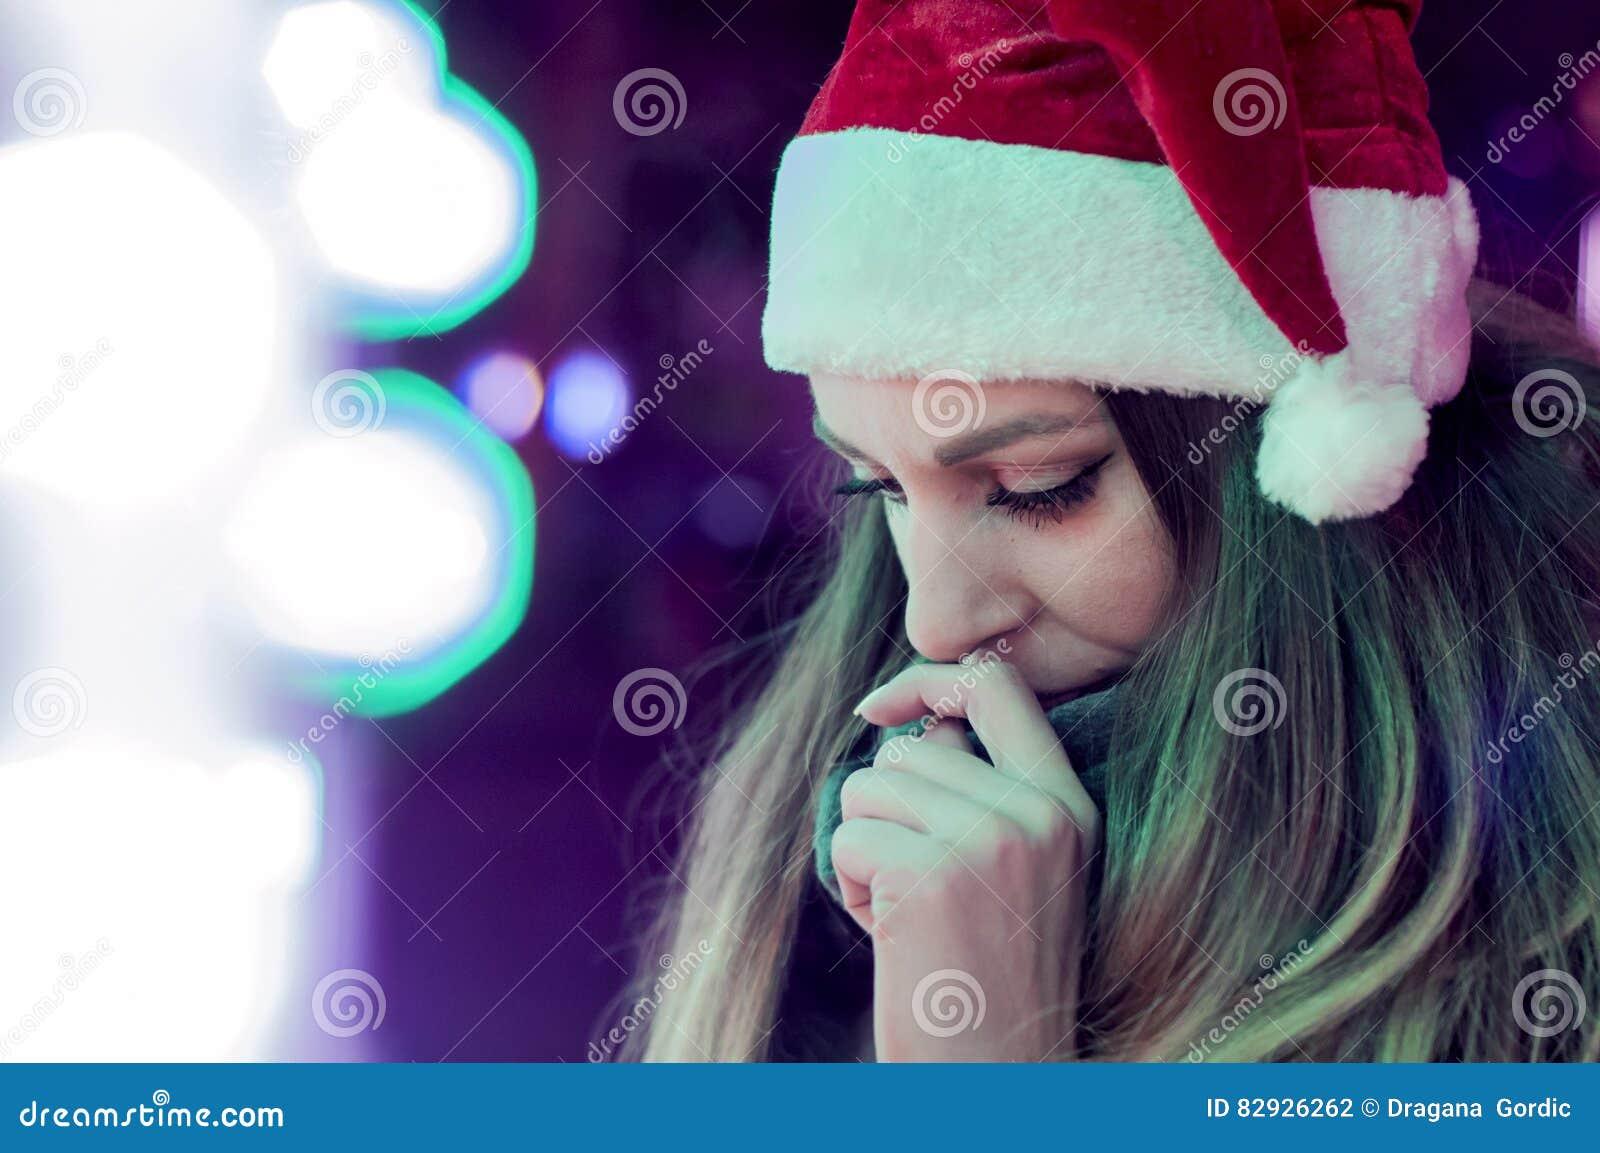 Λυπημένη γυναίκα με τη μελέτη χριστουγεννιάτικων δέντρων Χριστούγεννα μόνα